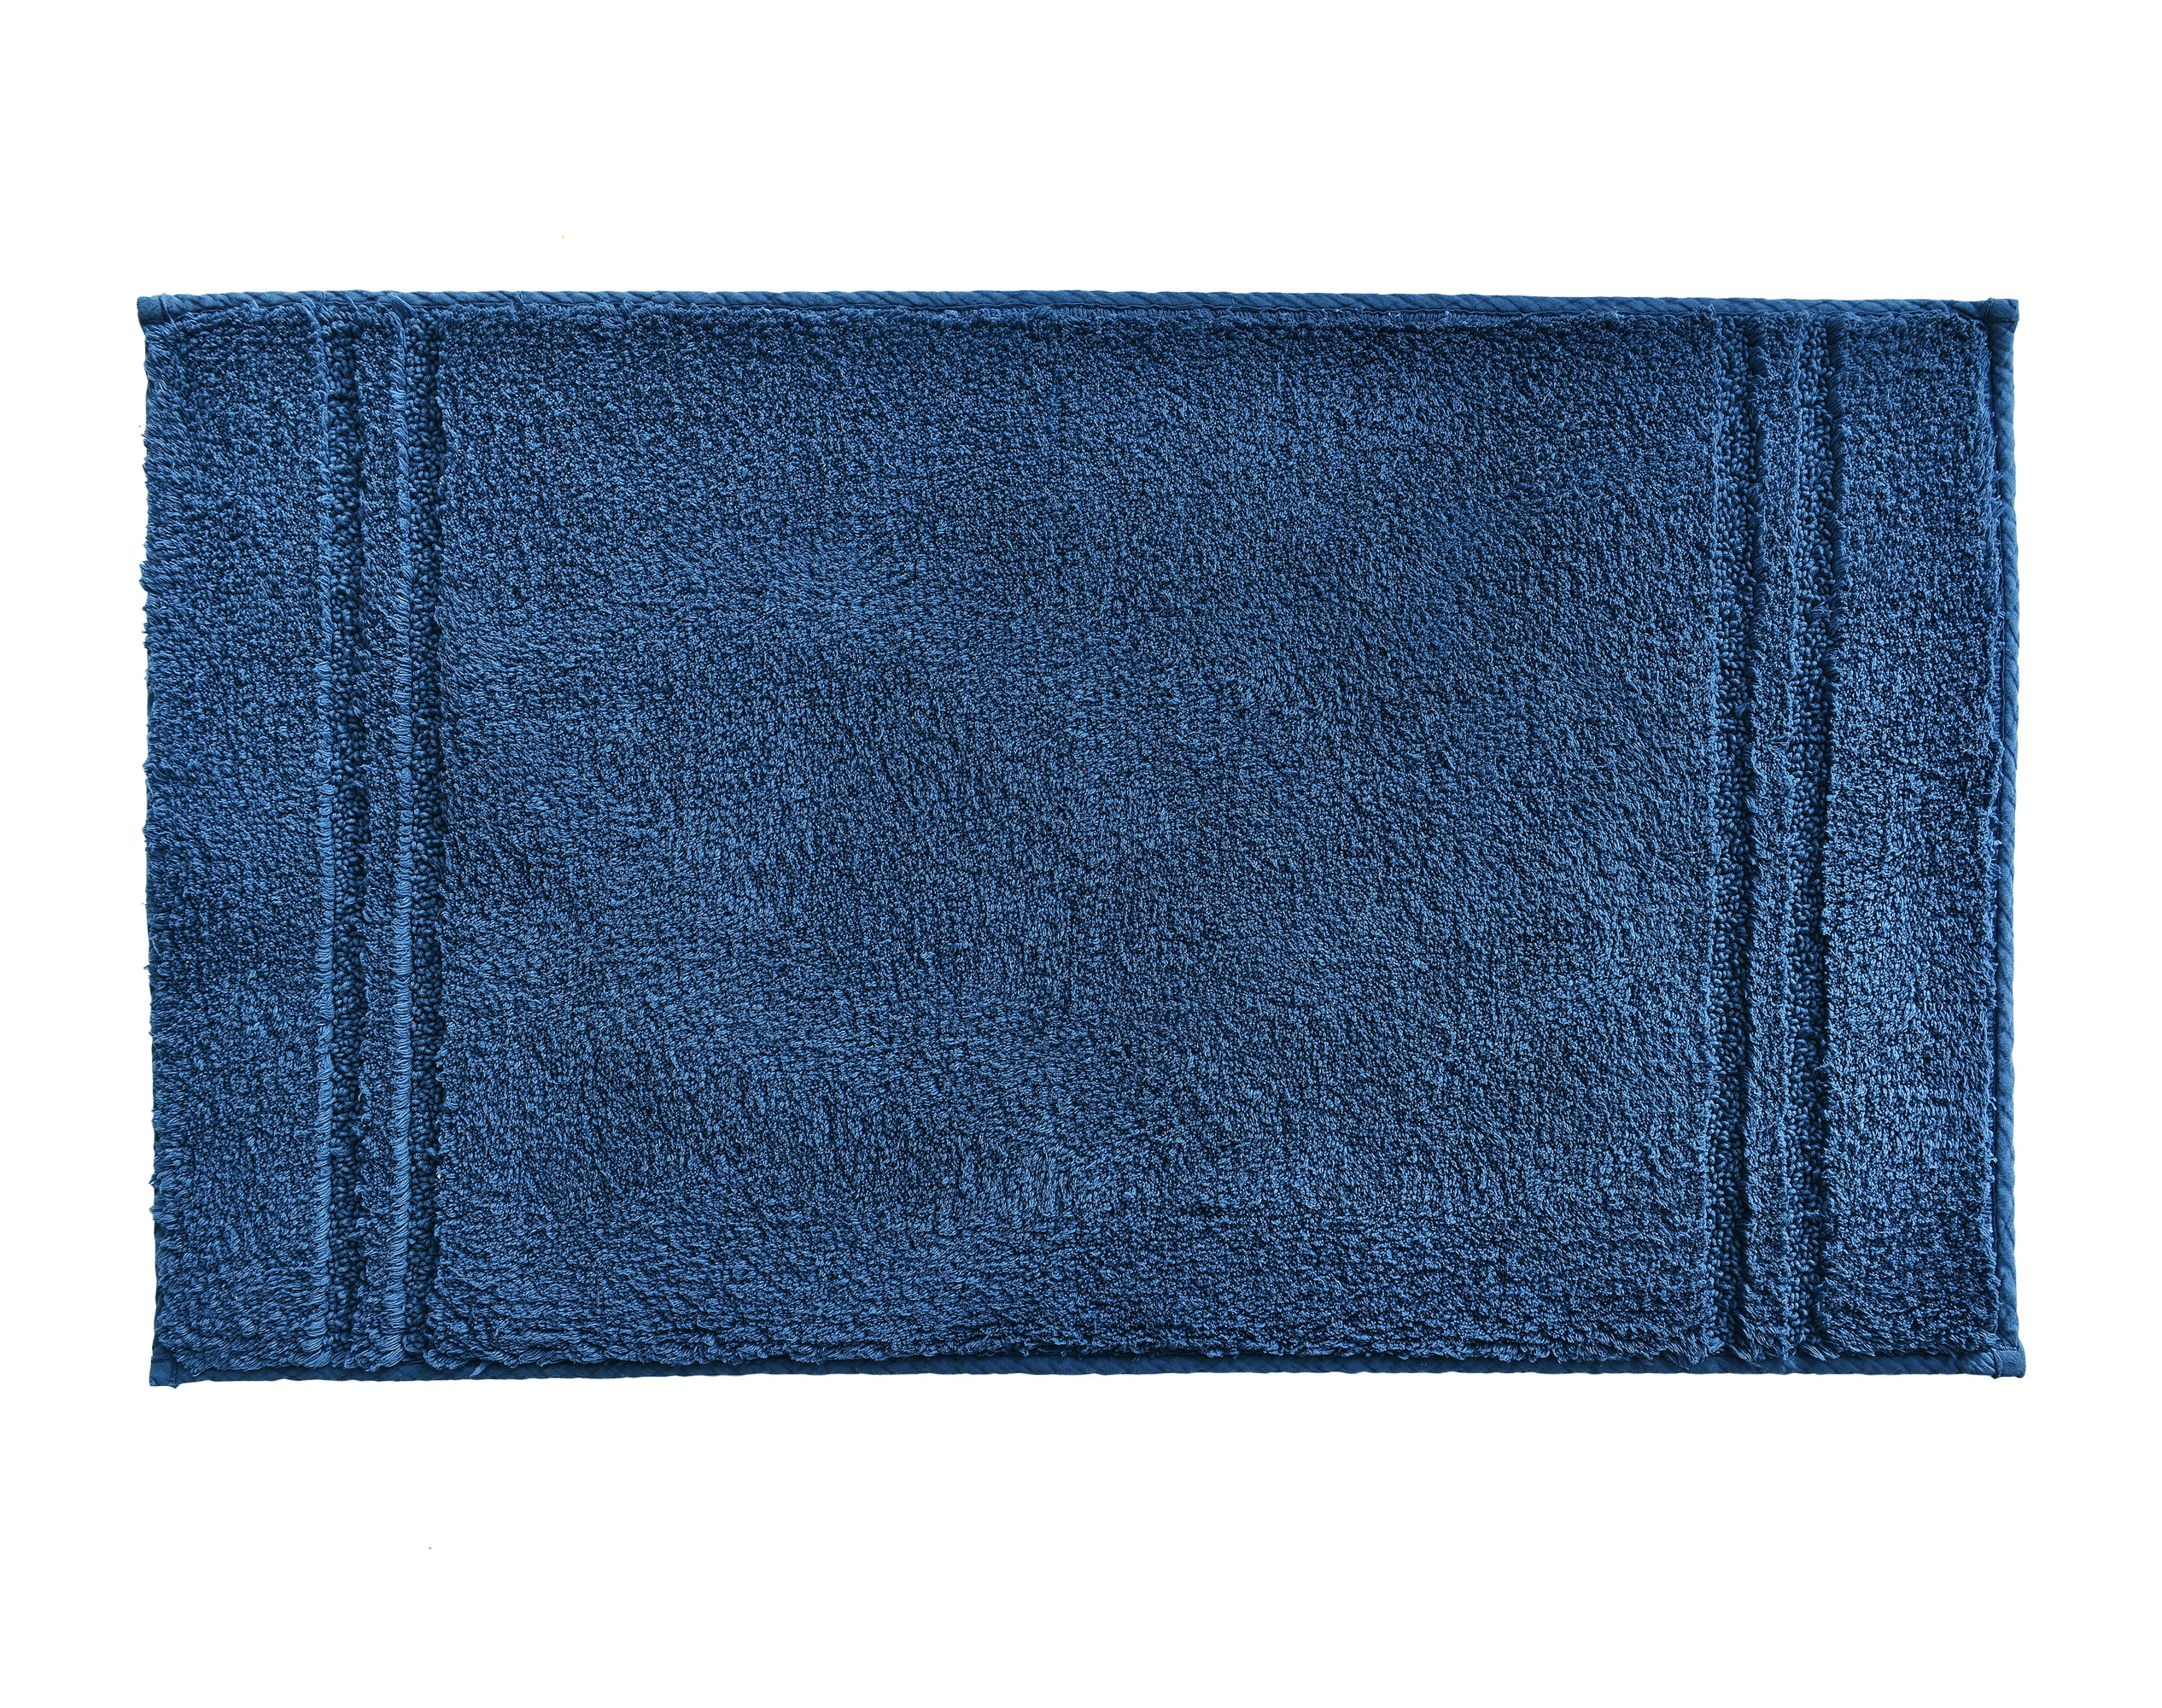 Tapis de bain bleu indigo  120x70 en coton